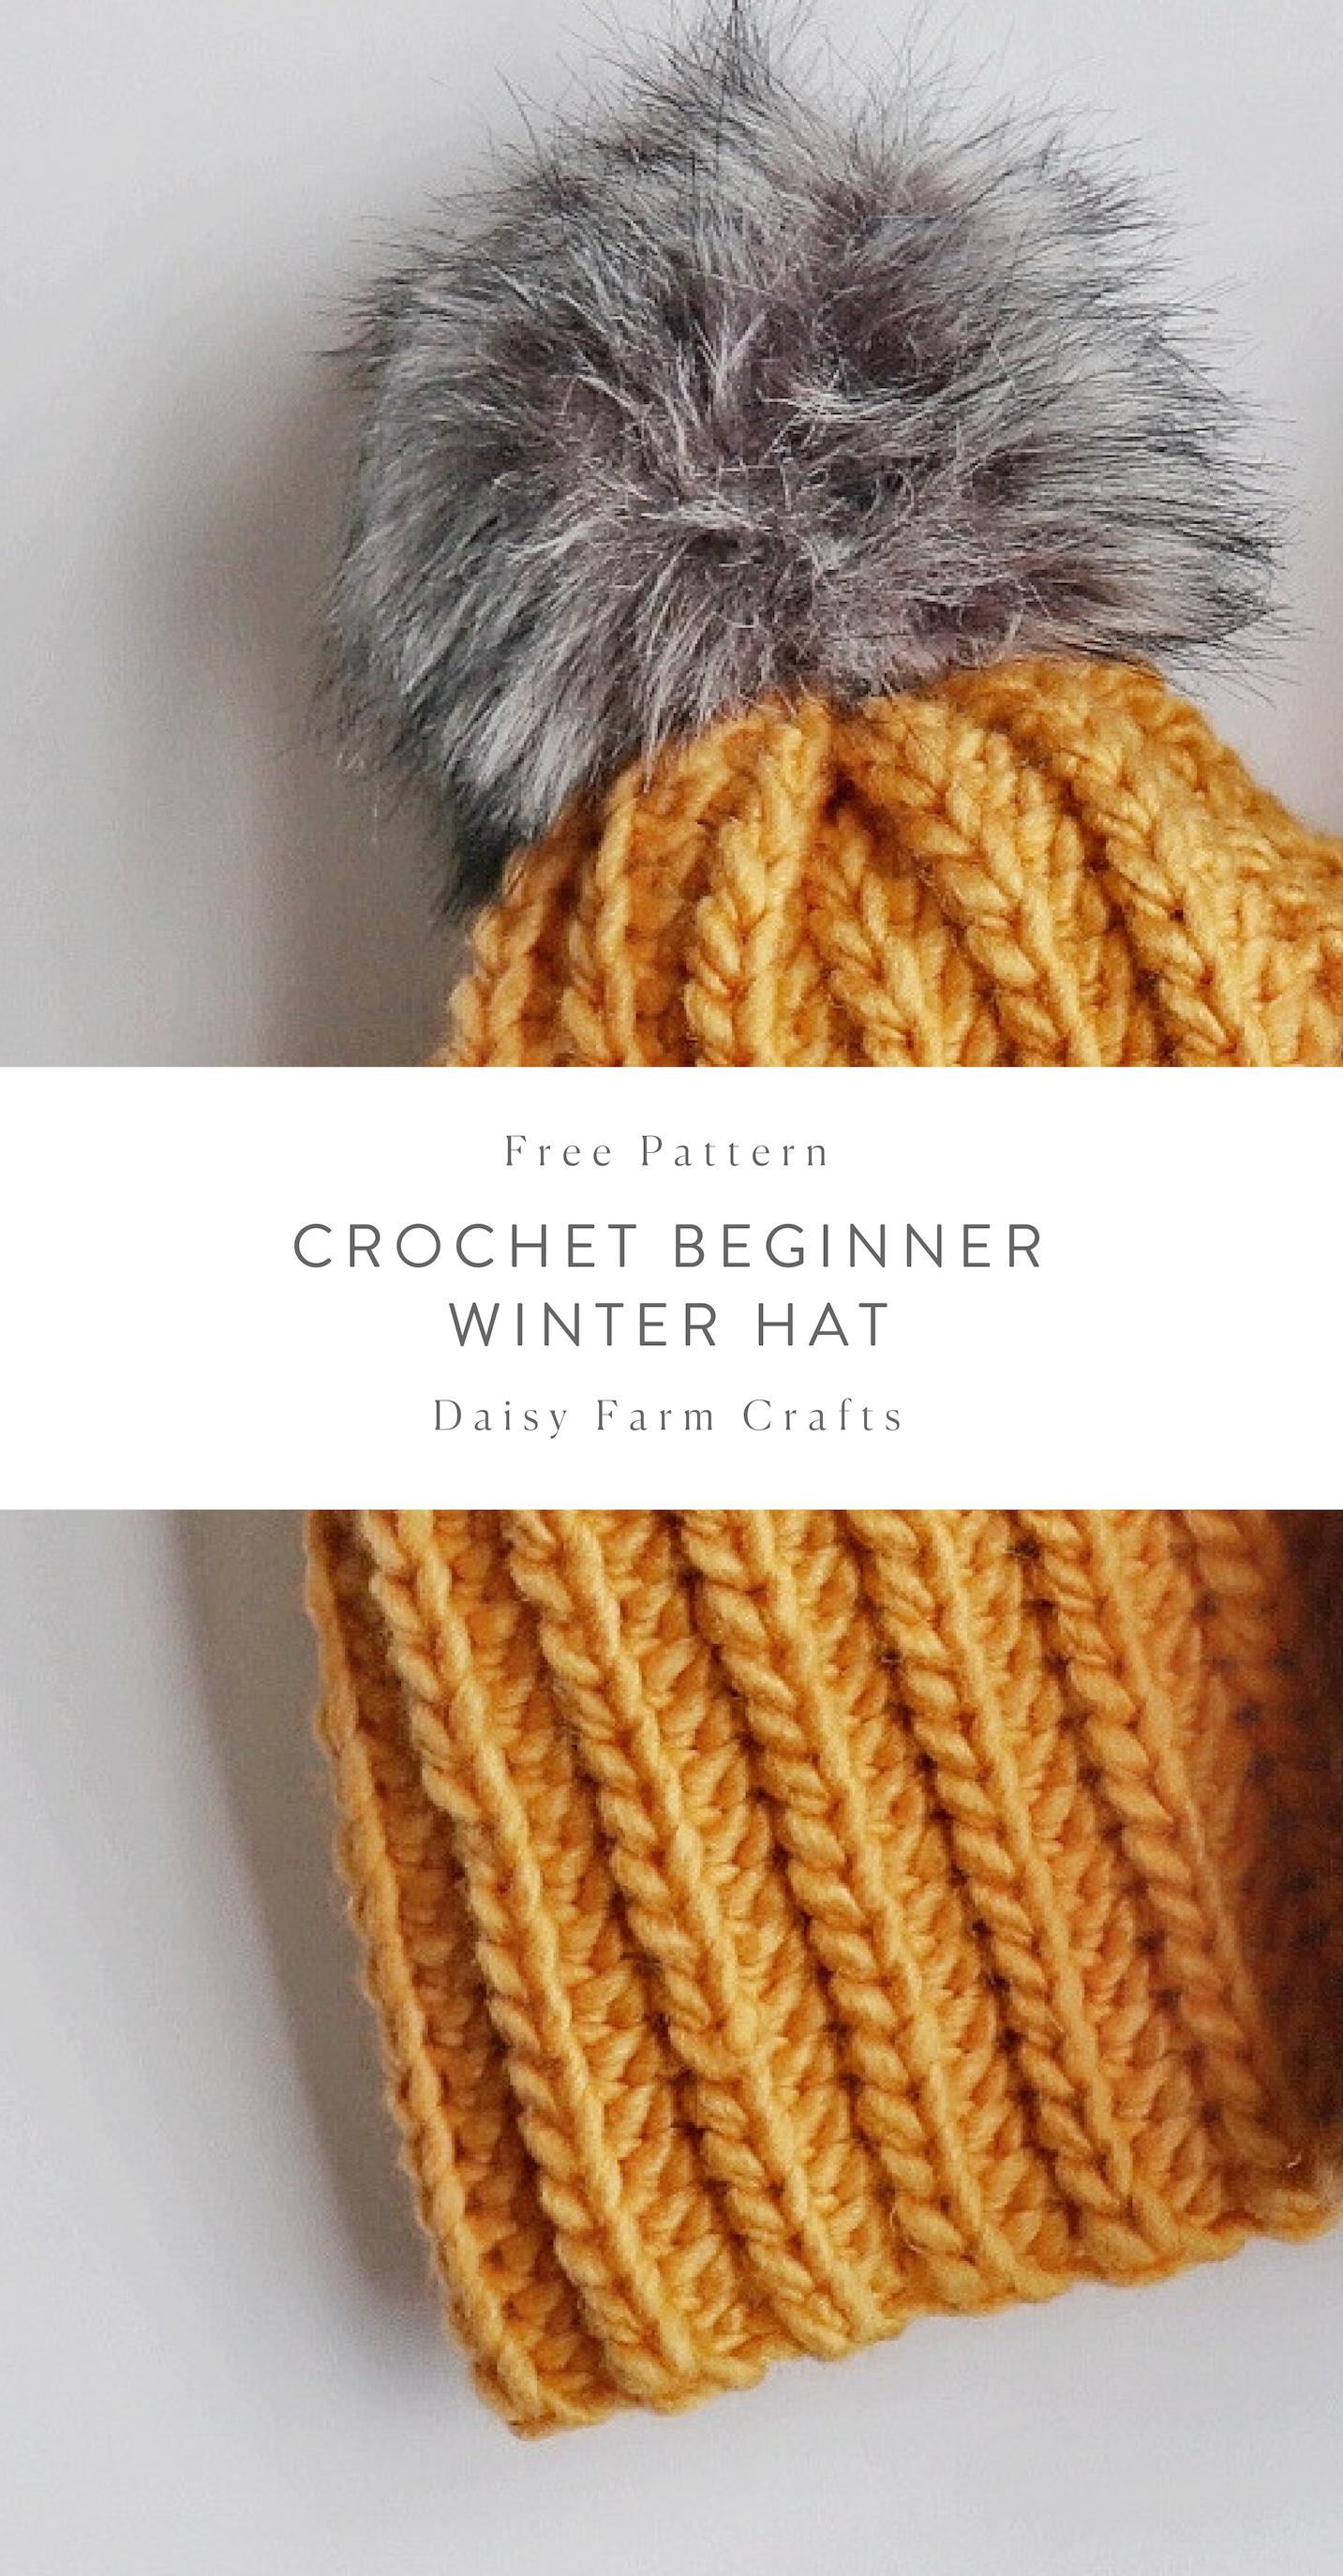 Free Pattern - Crochet Beginner Winter Hat #beaniehats